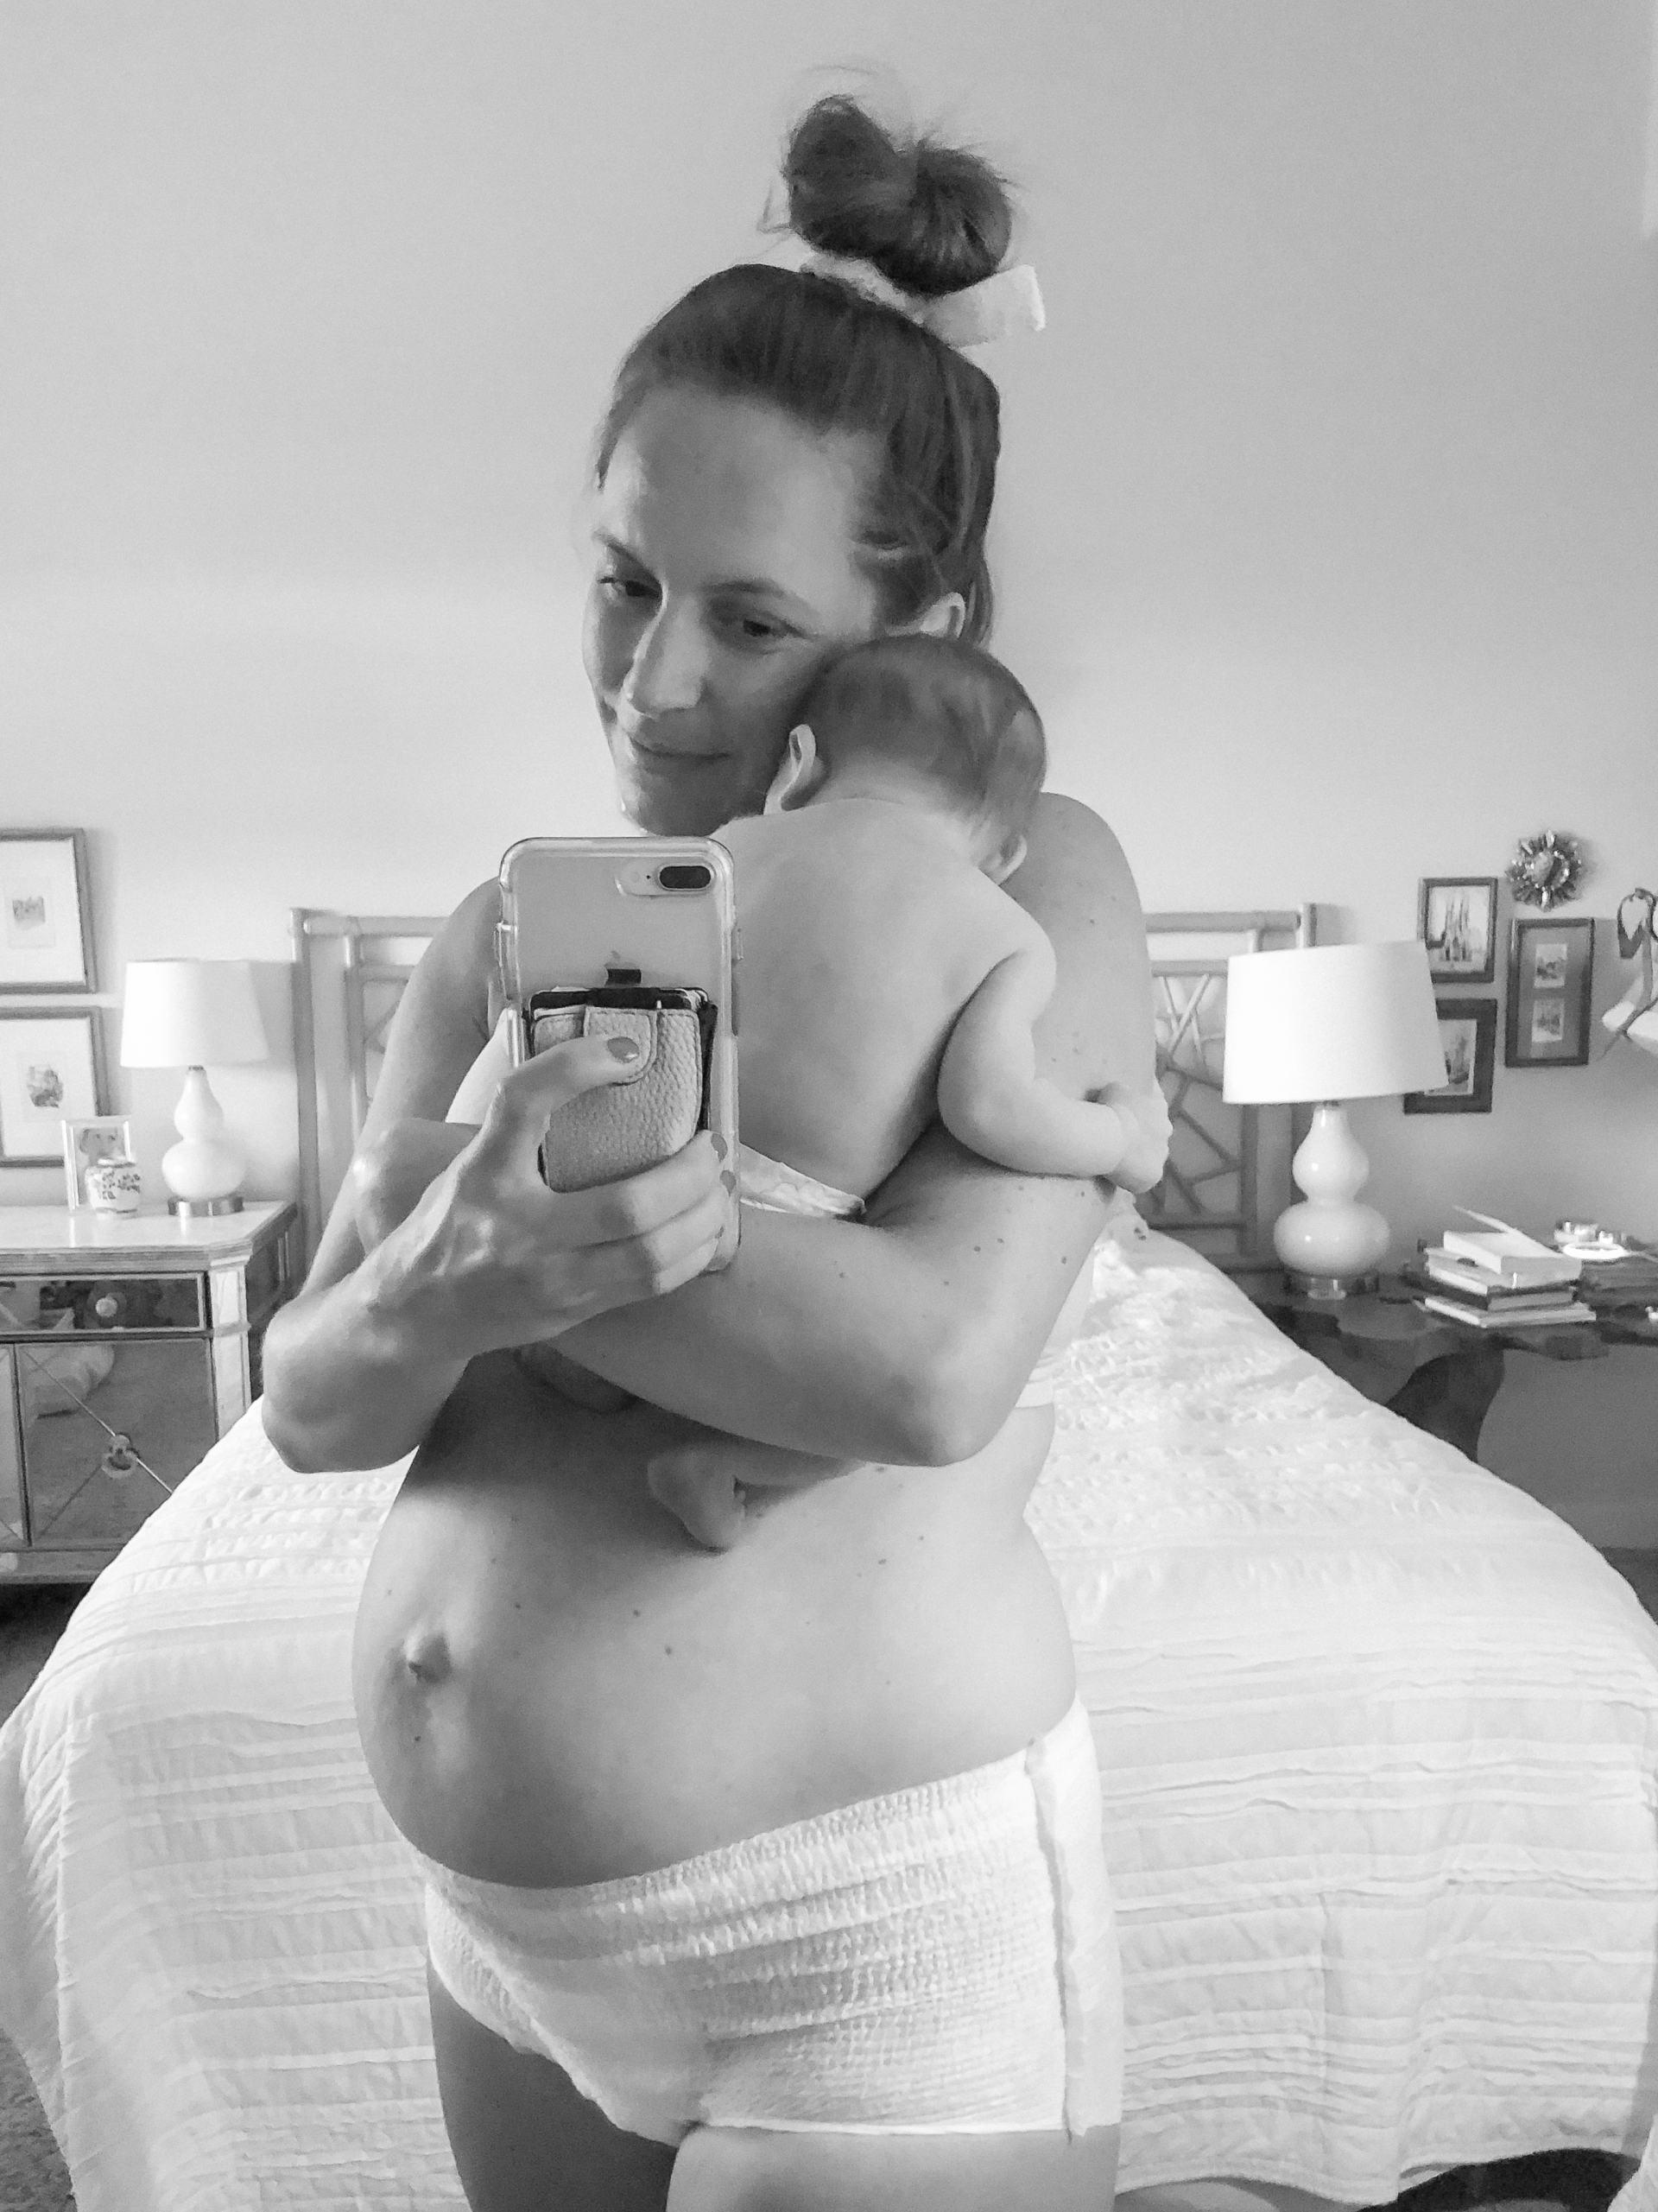 3 days postpartum - postpartum body